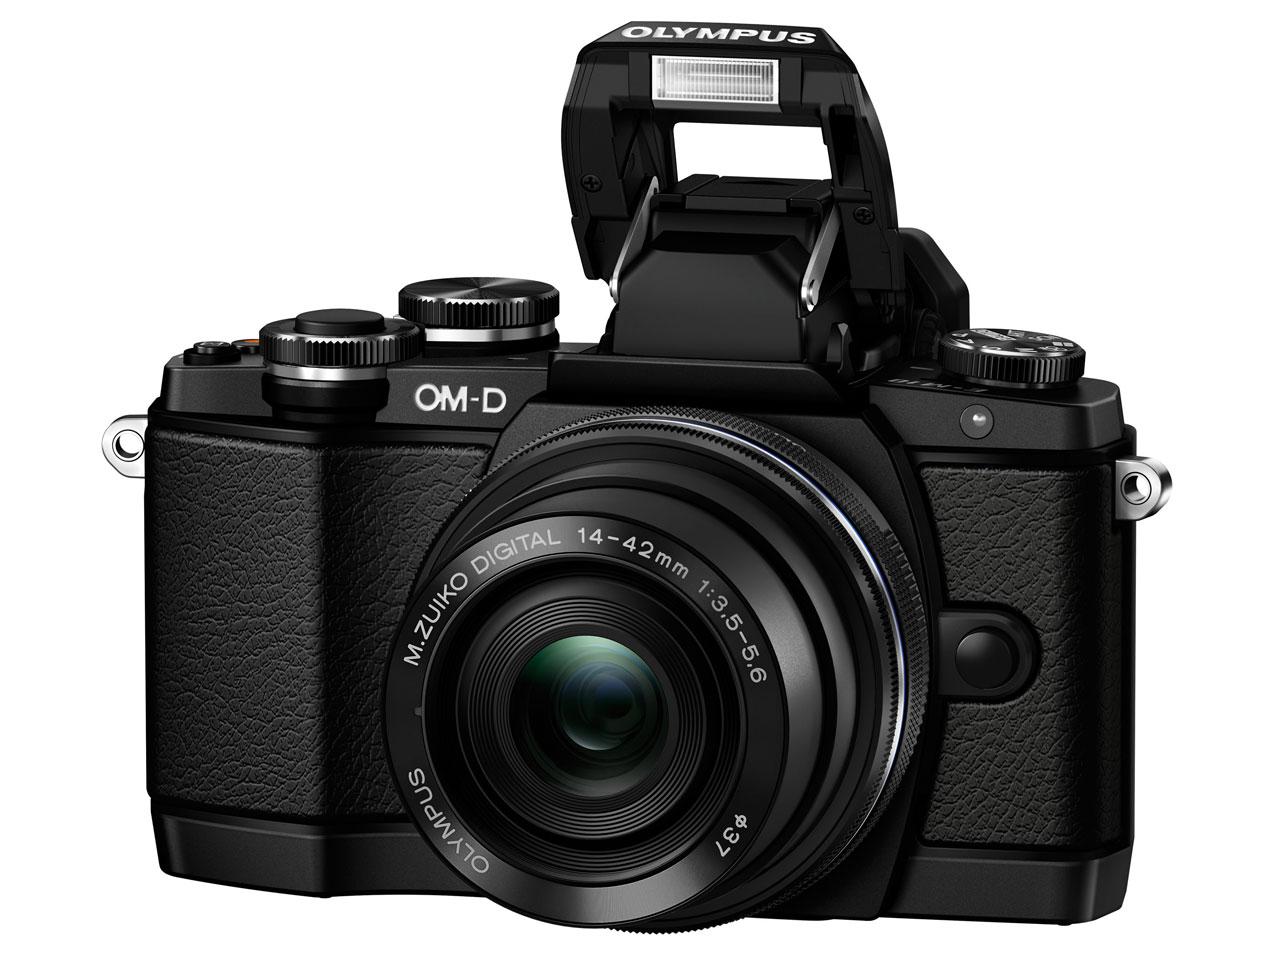 『本体 正面2』 OLYMPUS OM-D E-M10 14-42mm EZ レンズキット [ブラック] の製品画像